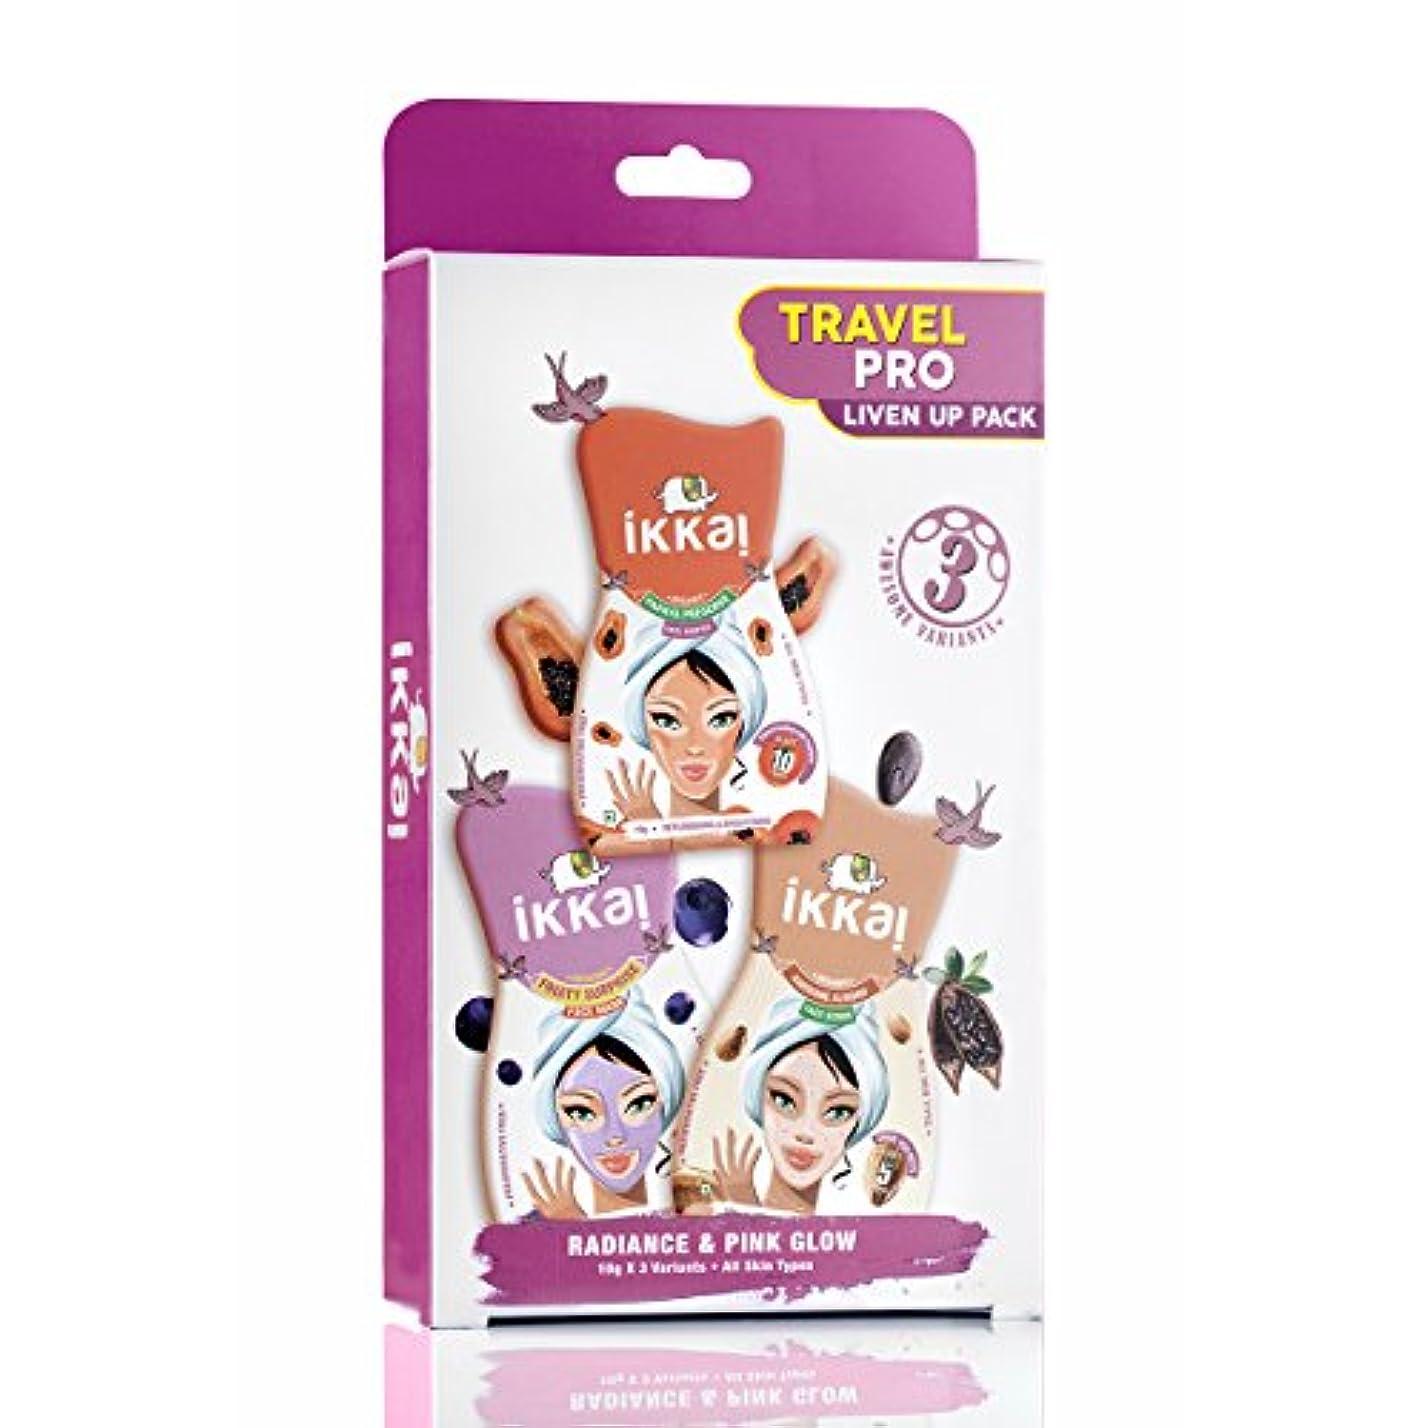 サスペンションリゾート誘うIkkai by Lotus Herbals Travel Pro Liven Up Pack (1 Face Mask, 1 Face Scrub and 1 Face Souffle)